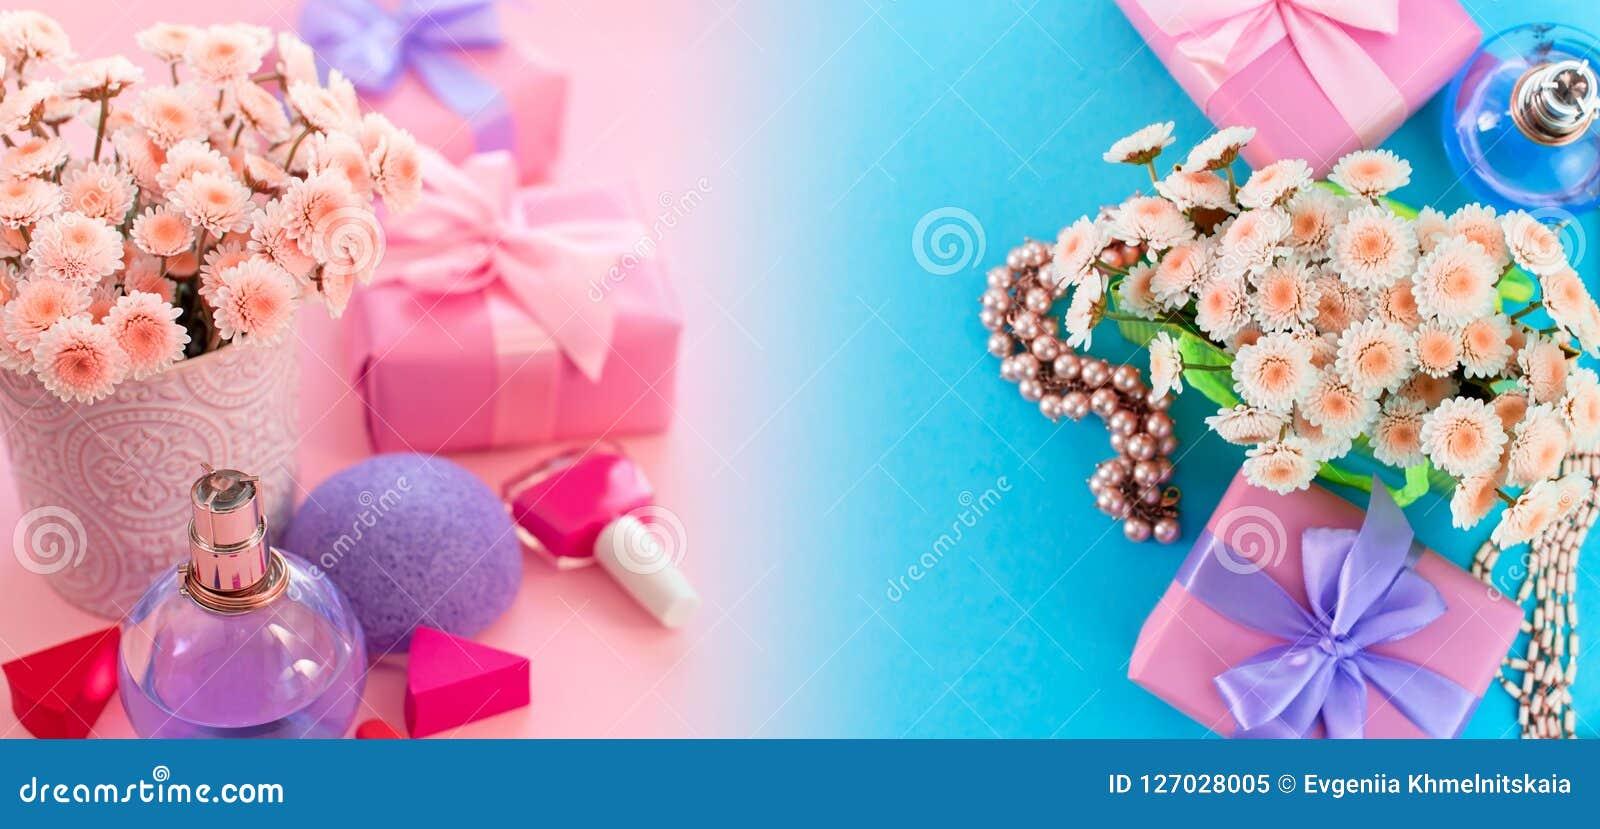 Coctail för pilbåge för ask för gåva för bukett för blommor för skönhetsmedel för tillbehör för banermodekvinnor på rosa tla för